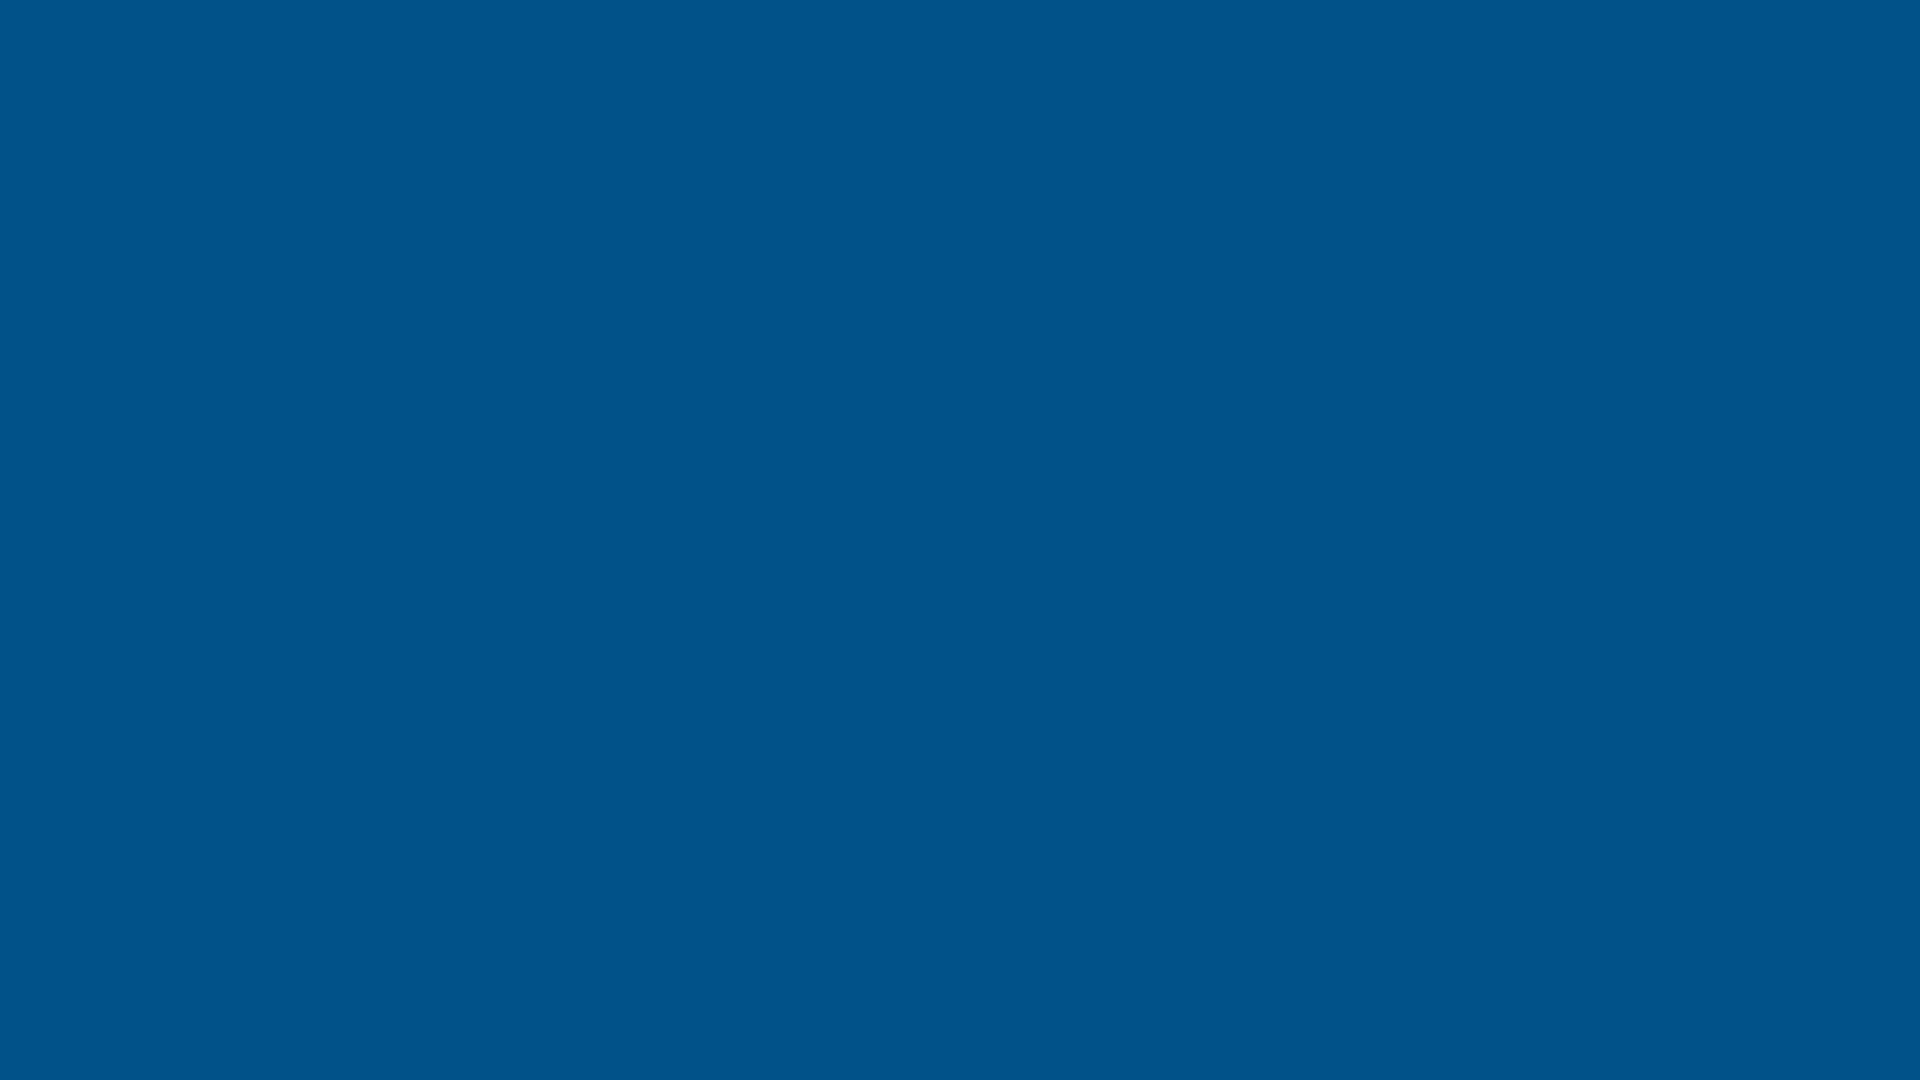 Blue_1920x1080.jpg